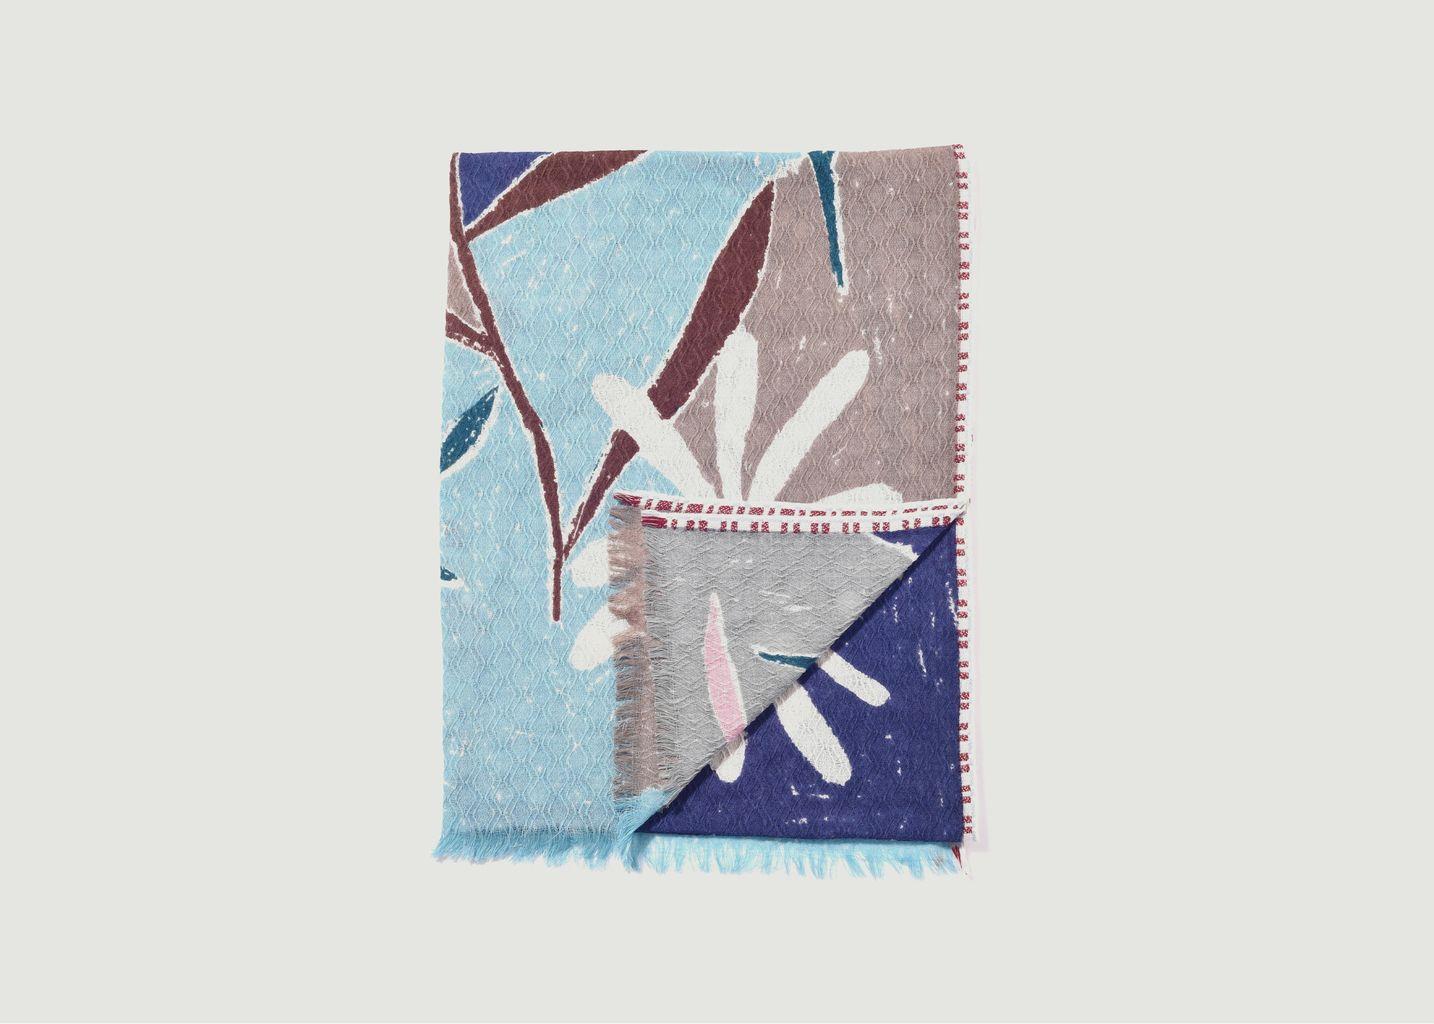 Etole motif fleuri GW 2182 - Epice